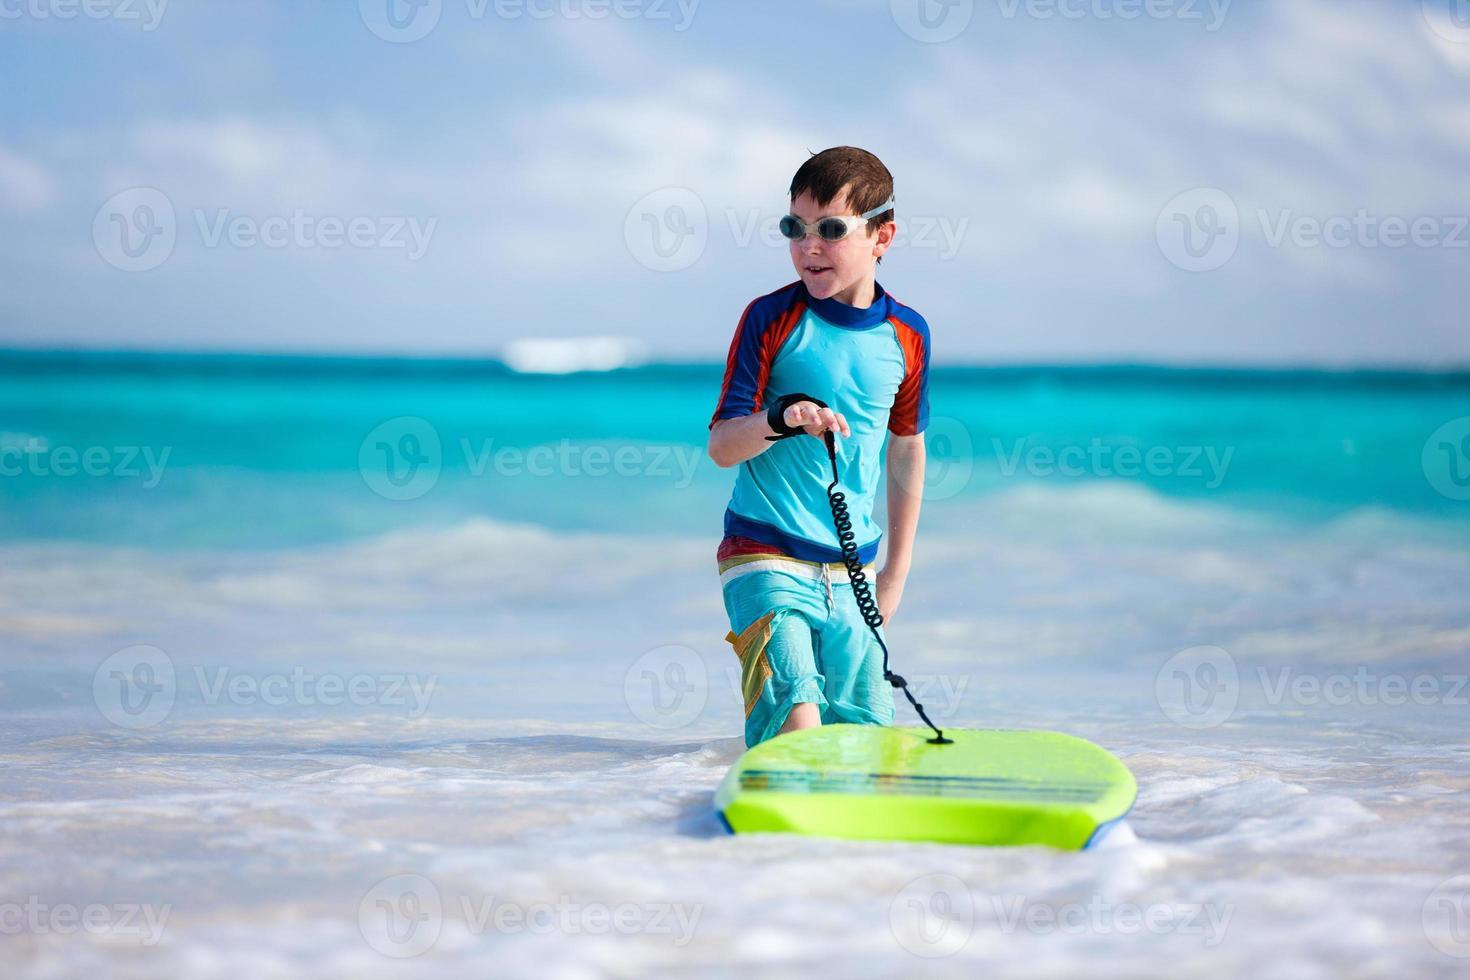 Boy surfing photo